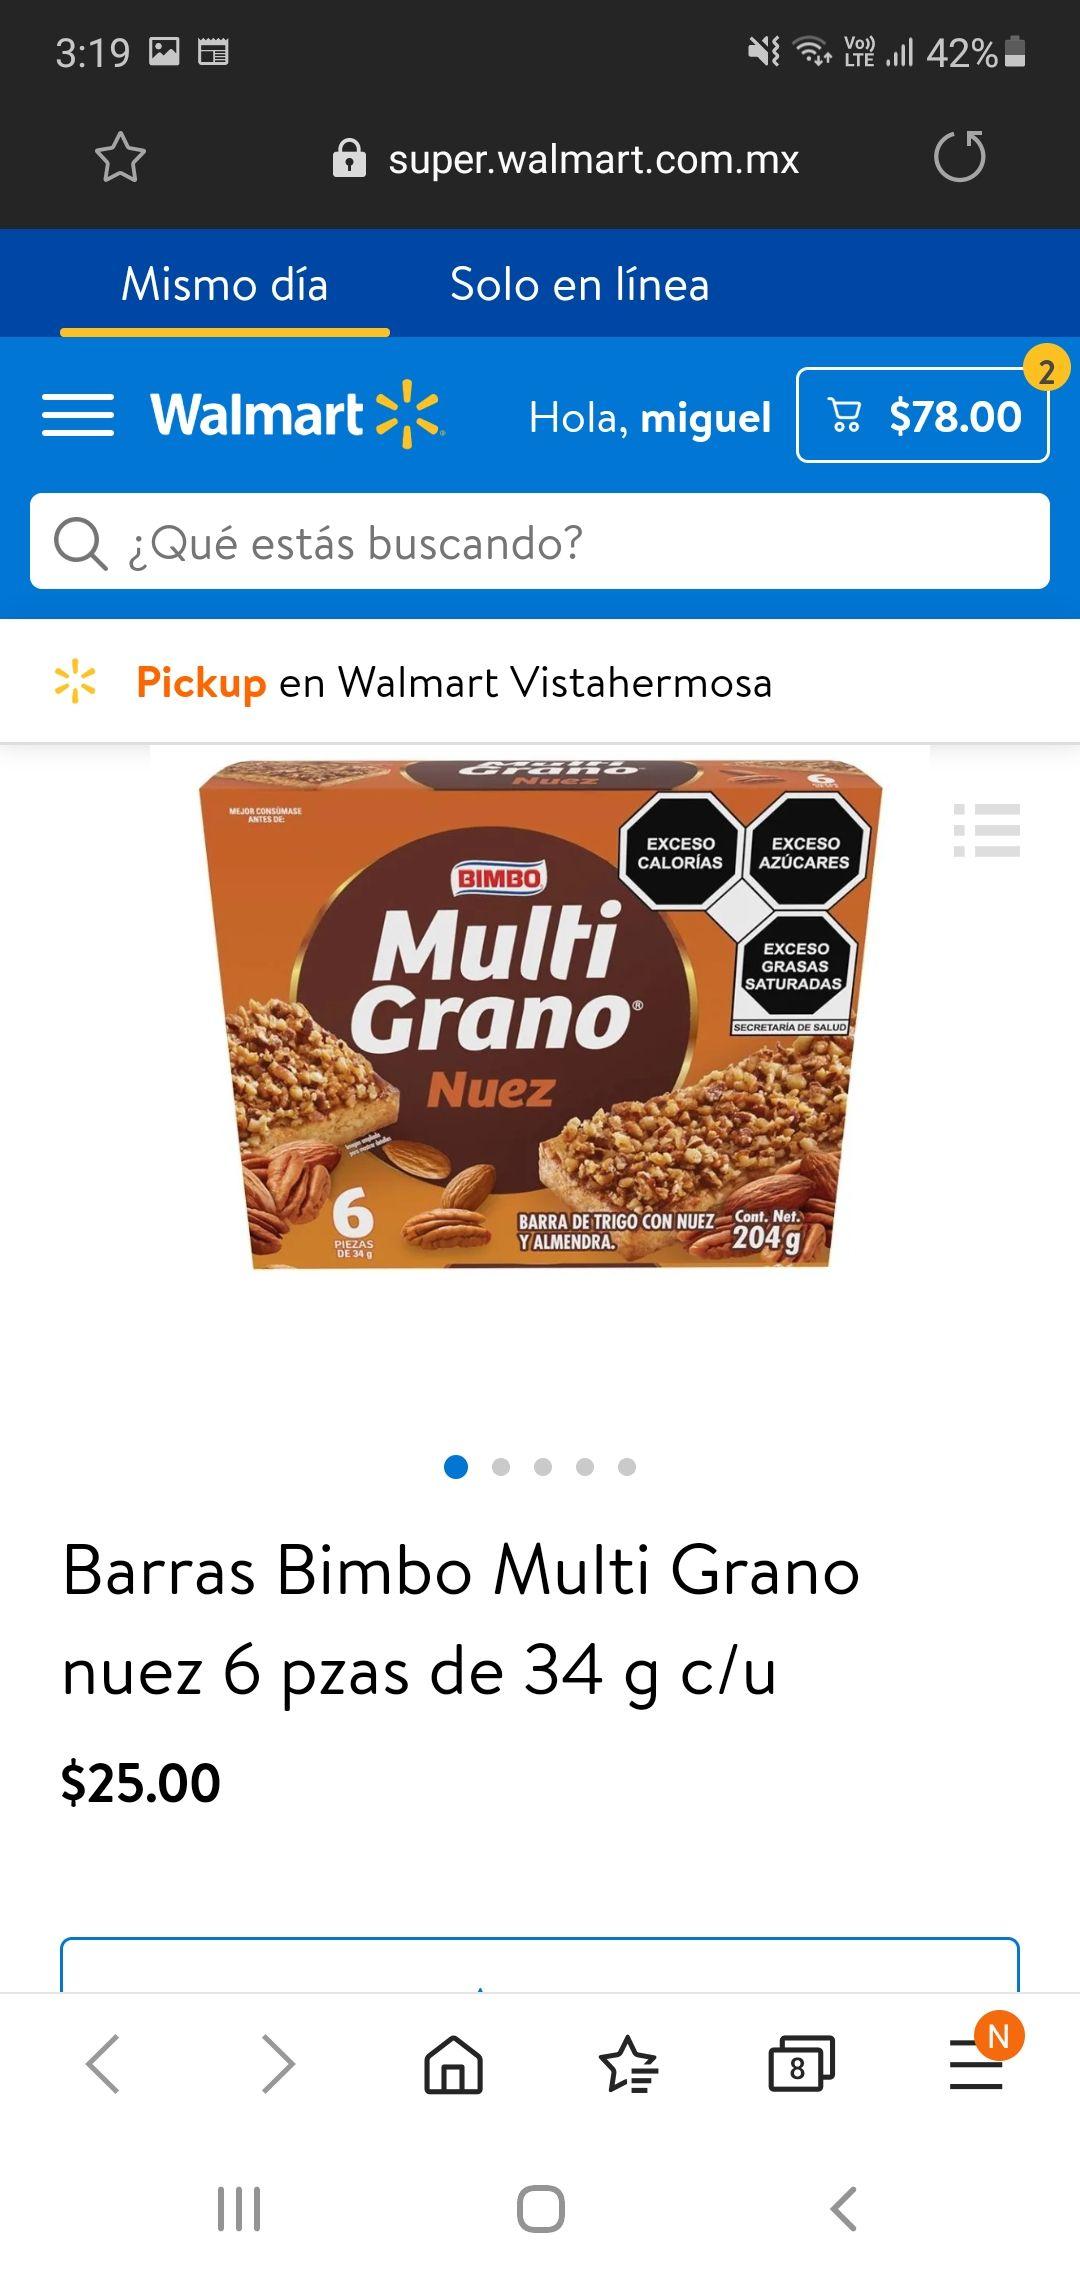 WALMART EN LINEA: BARRA MULTIGRANO 6 PIEZAS EN $ 25